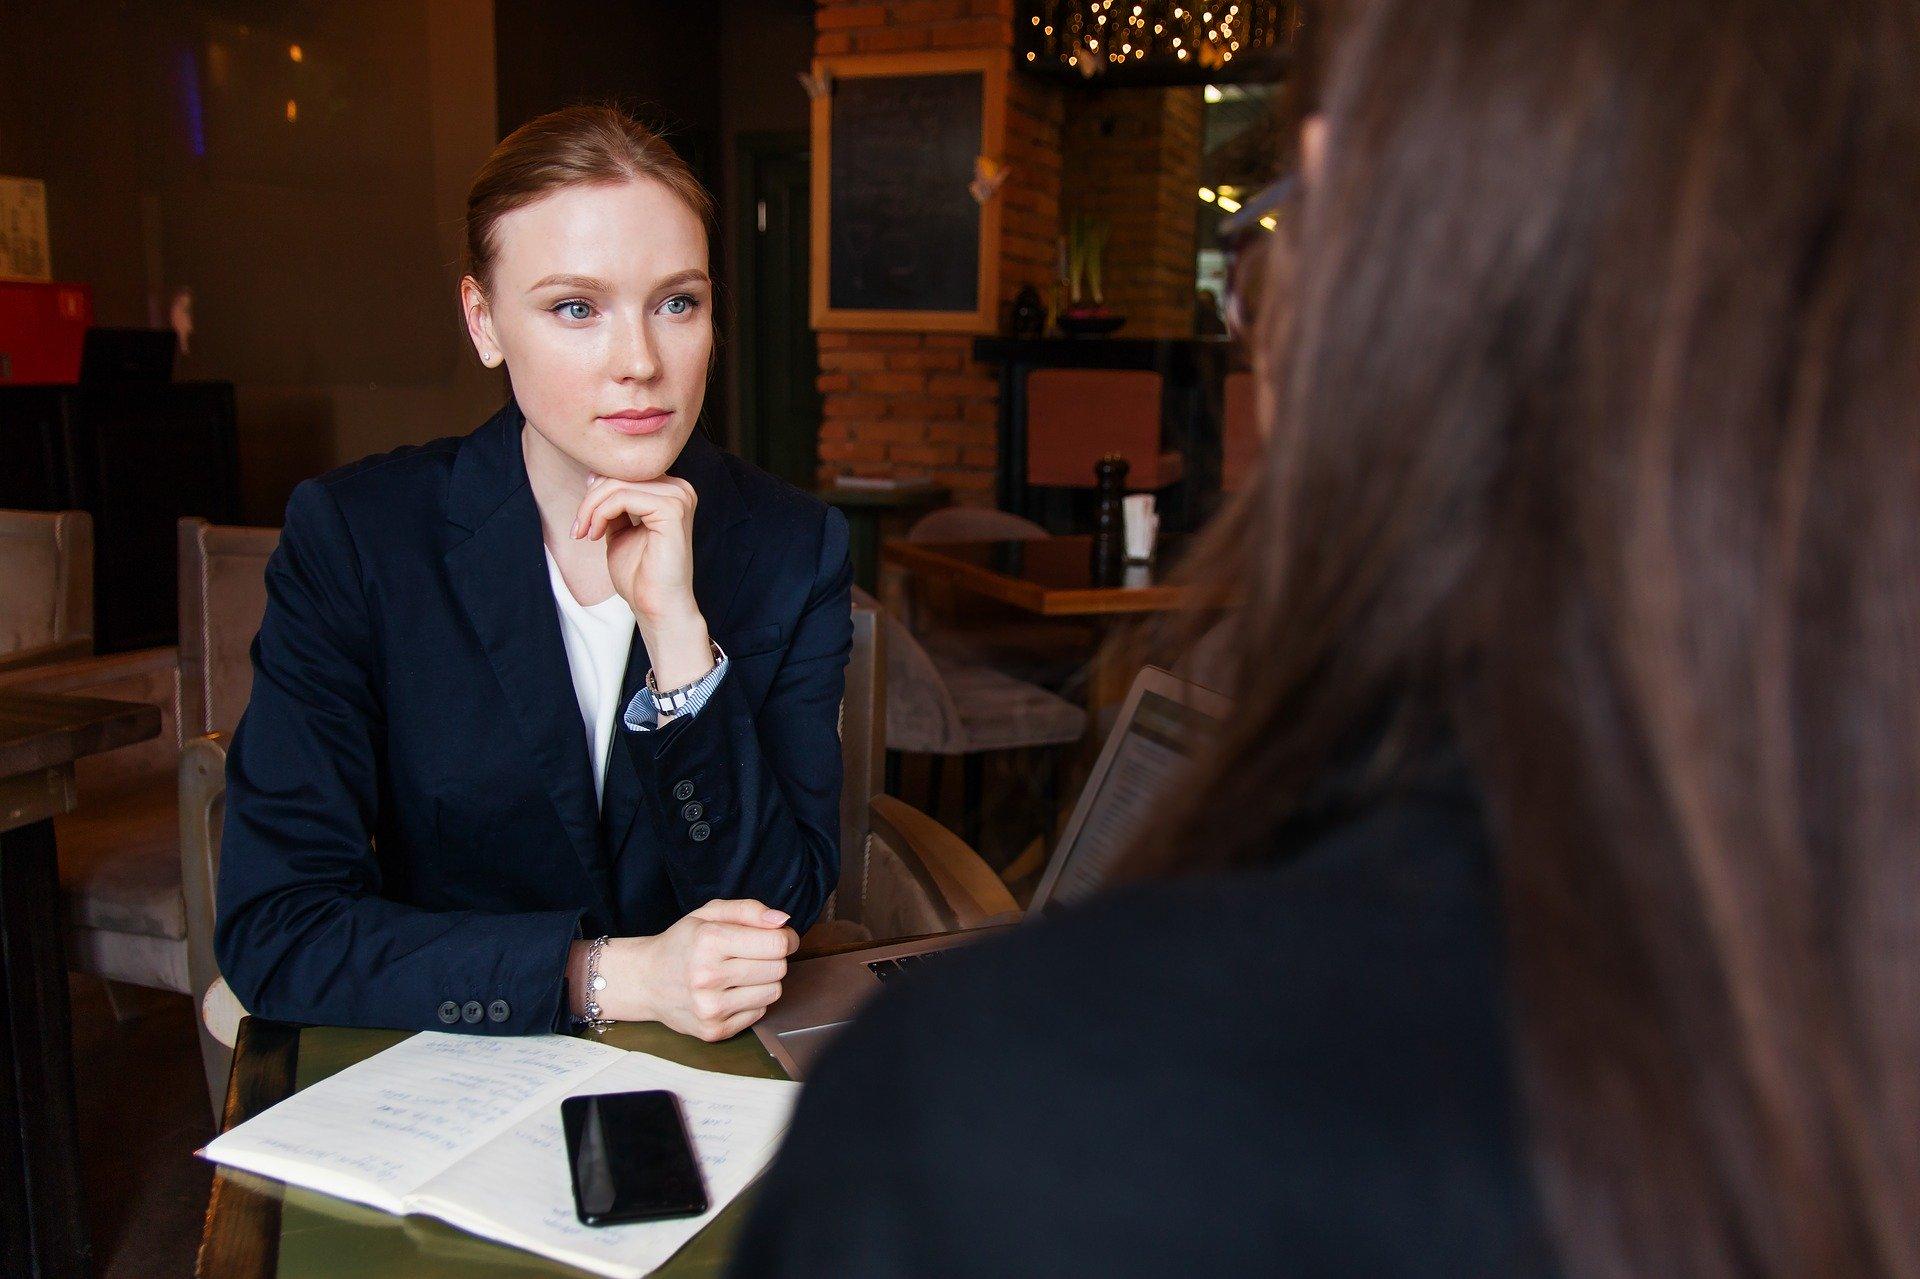 メンタルトレーナーのなり方は?おすすめ資格5選の特徴を解説